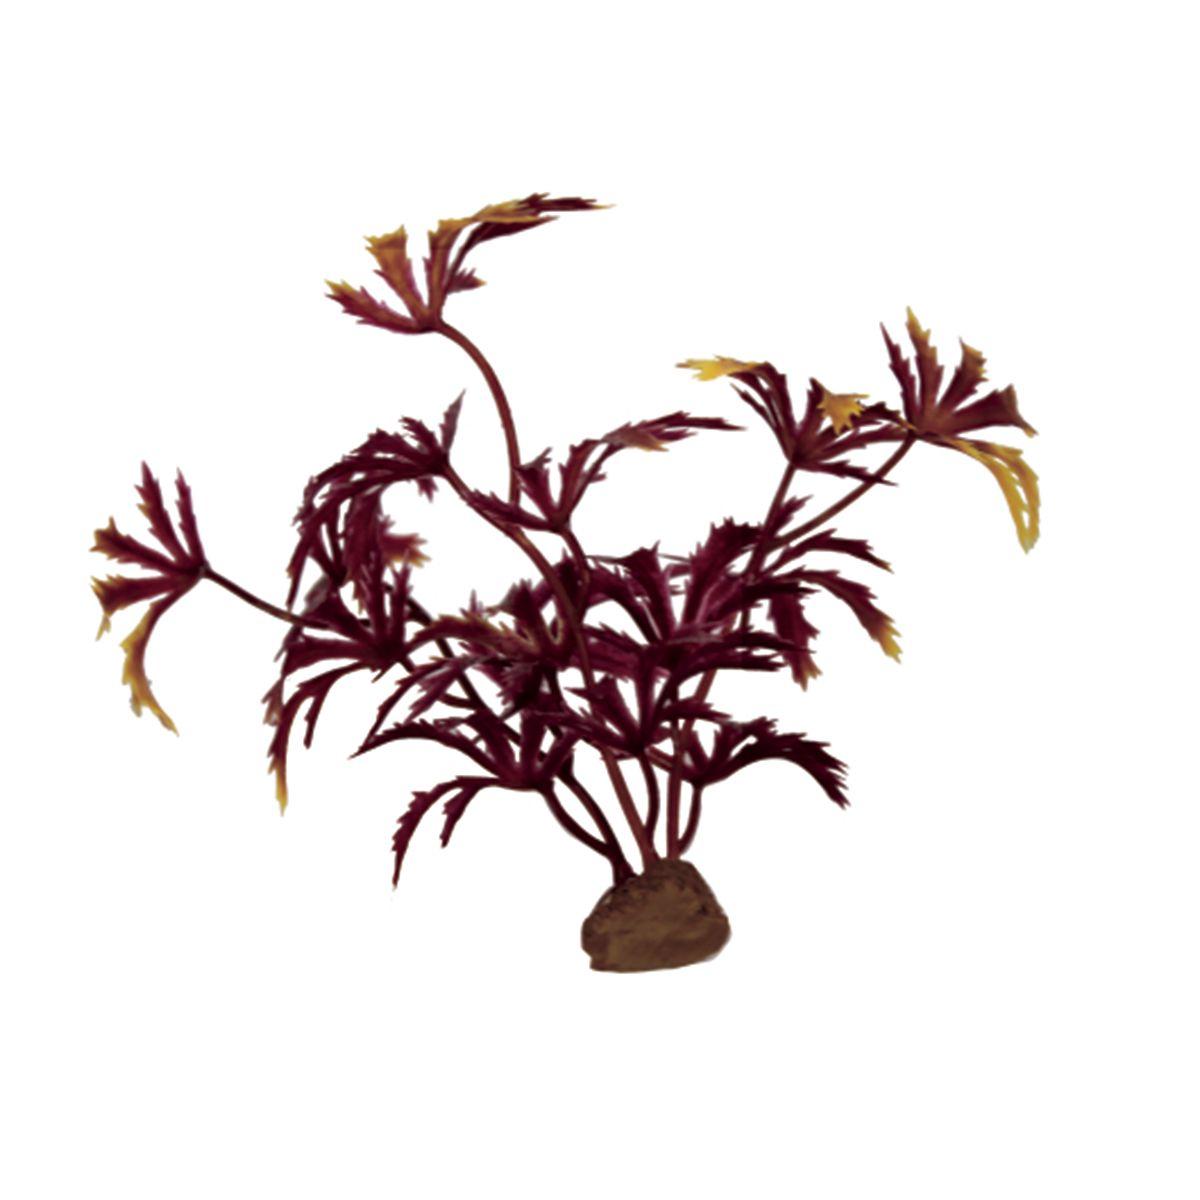 Растение для аквариума ArtUniq Абутилон красный, высота 10 см, 6 штART-1170513Растение для аквариума ArtUniq Абутилон красный, высота 10 см, 6 шт